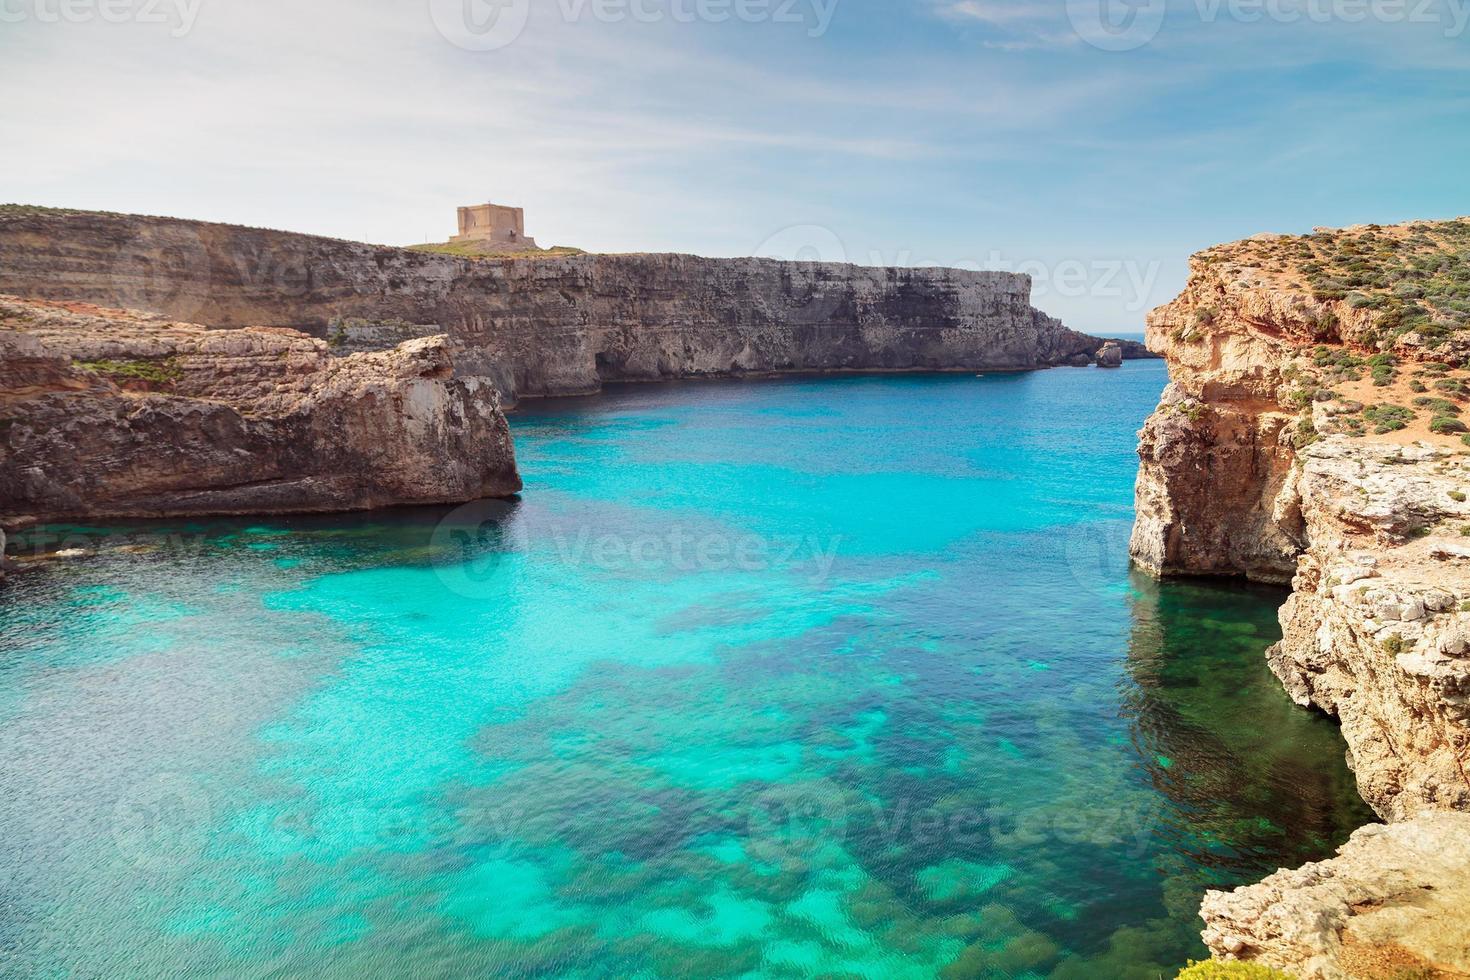 la laguna blu sull'isola di comino, malta gozo foto